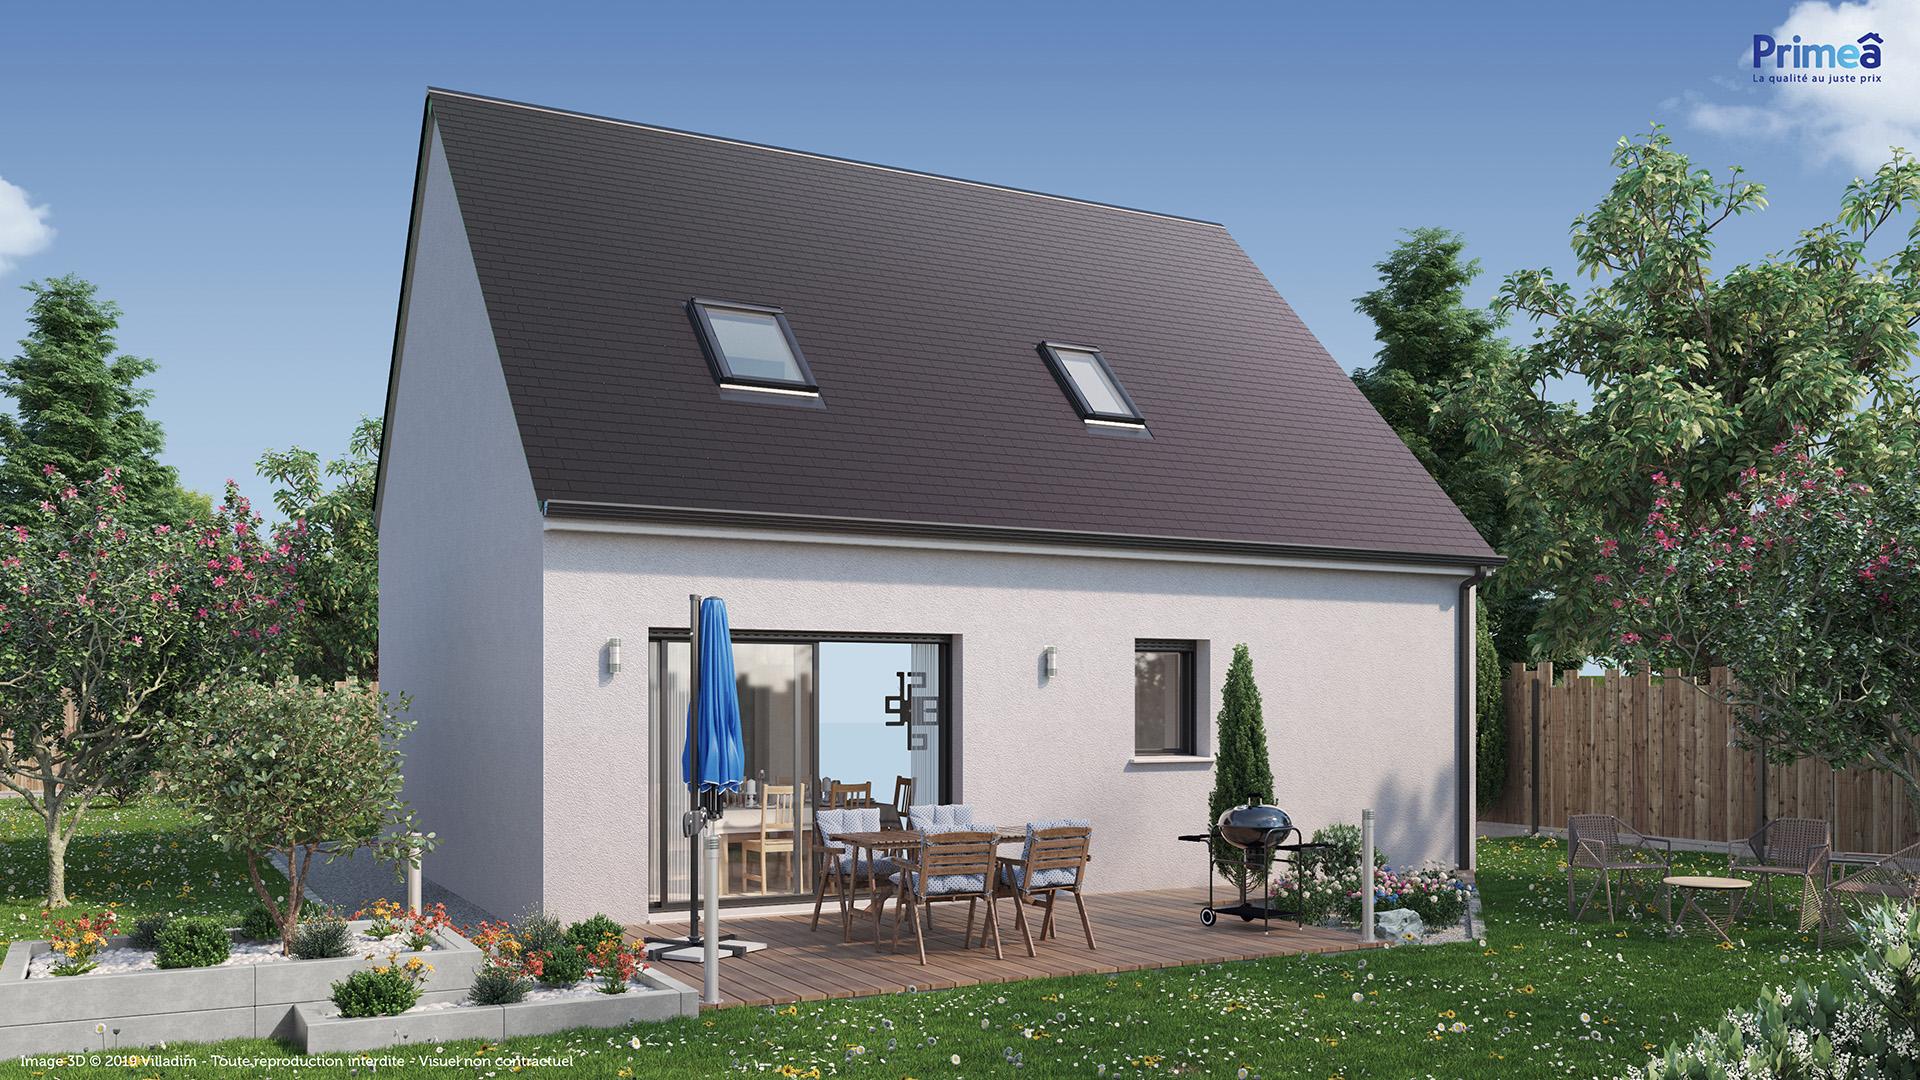 Maison à vendre à Fleury-les-Aubrais